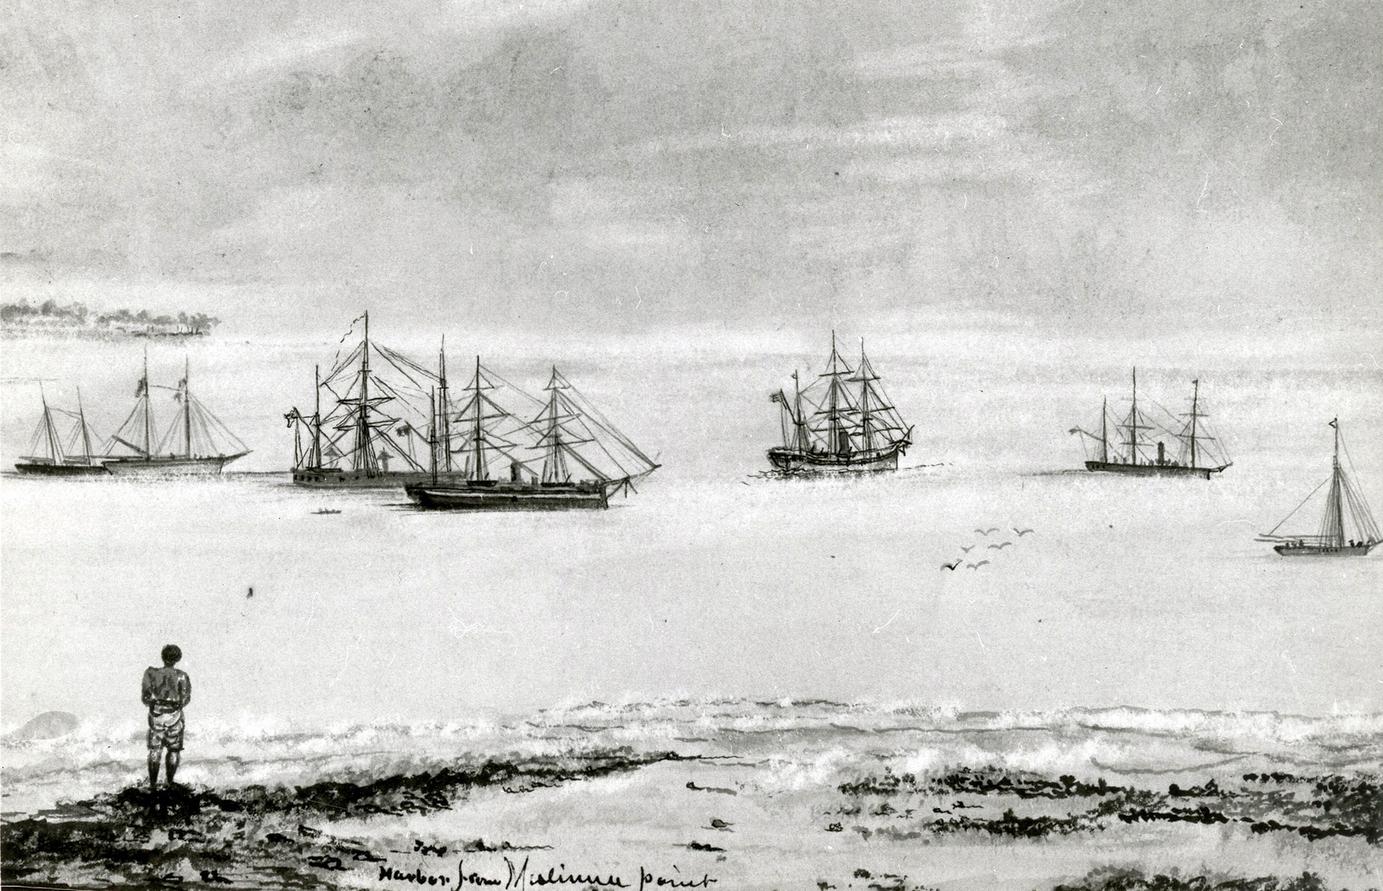 Az Apia kikötőjében horgonyzó hajók, a vihar előtt. Kimberly tengernagy rajza.